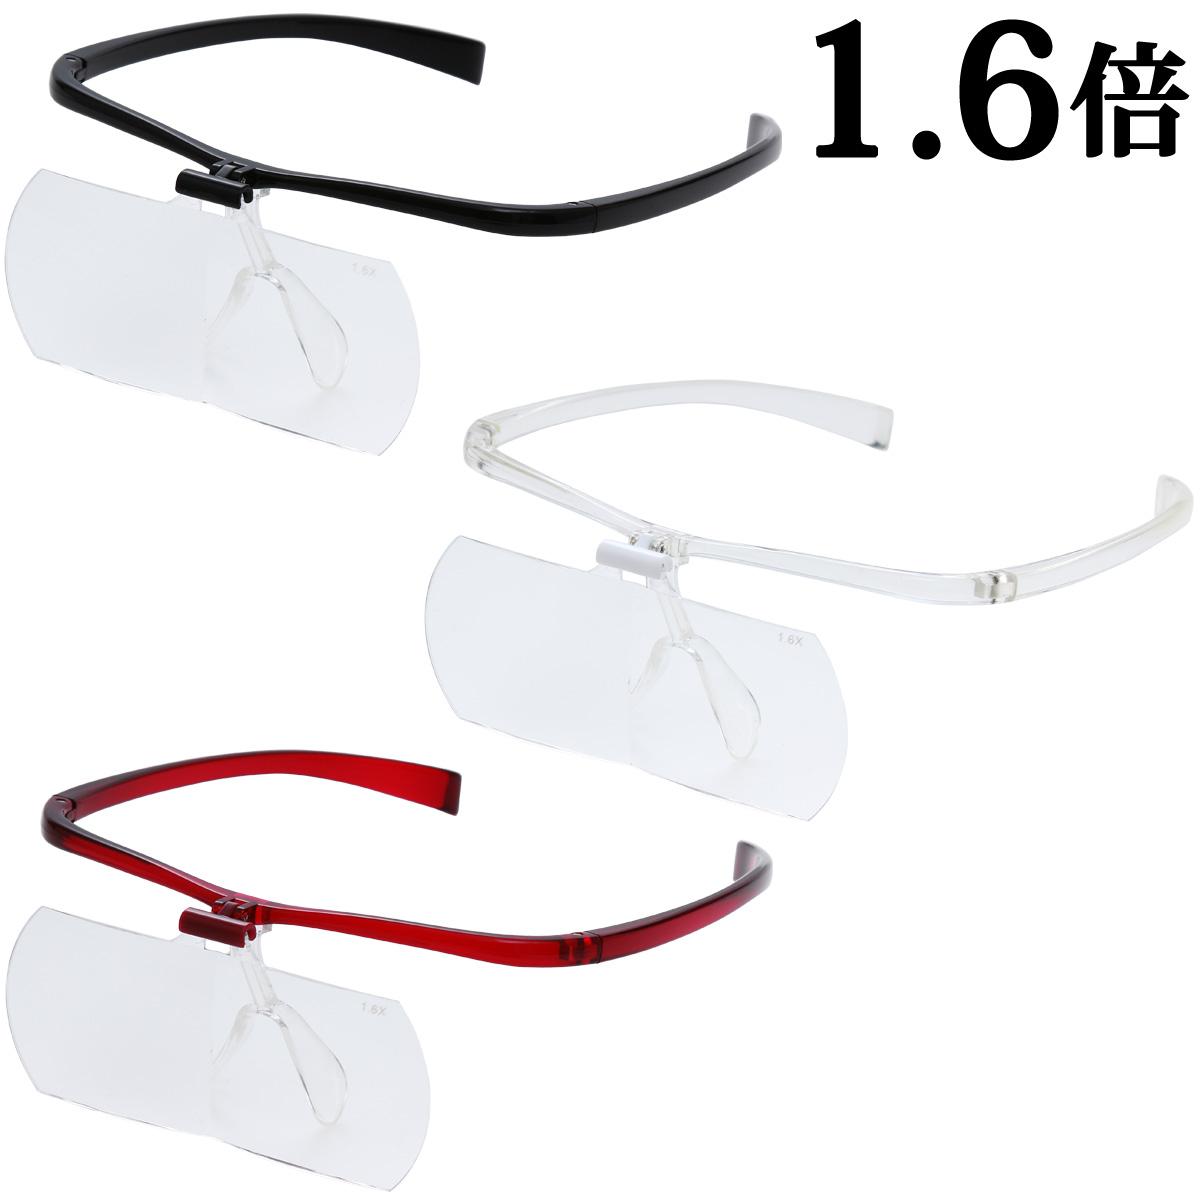 双眼メガネルーペ メガネタイプ 1.6倍 HF-60D メガネ型ルーペ